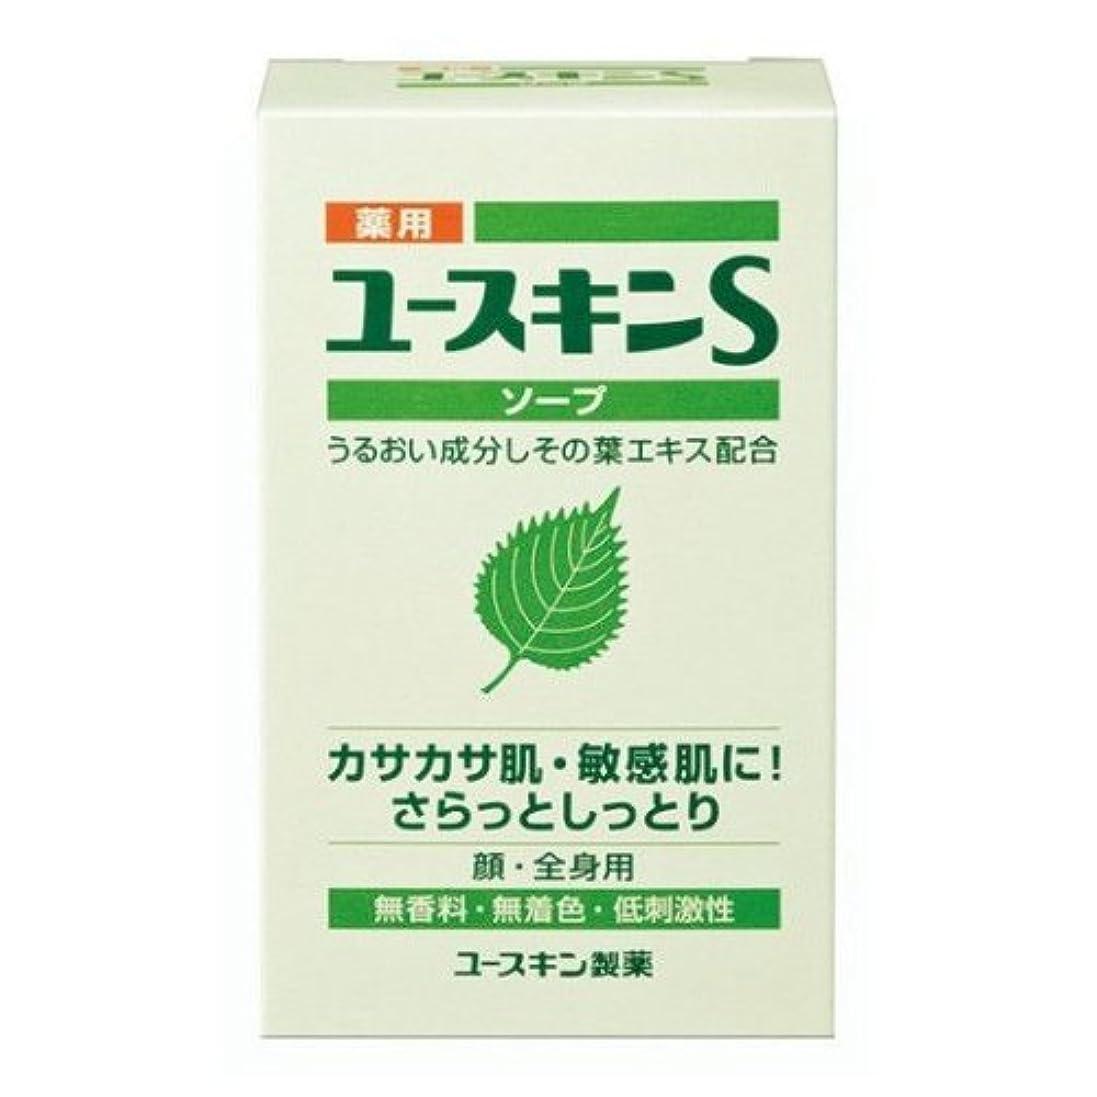 変動する寄付する操作ユースキン製薬 薬用ユースキンSソープ 90g(医薬部外品)